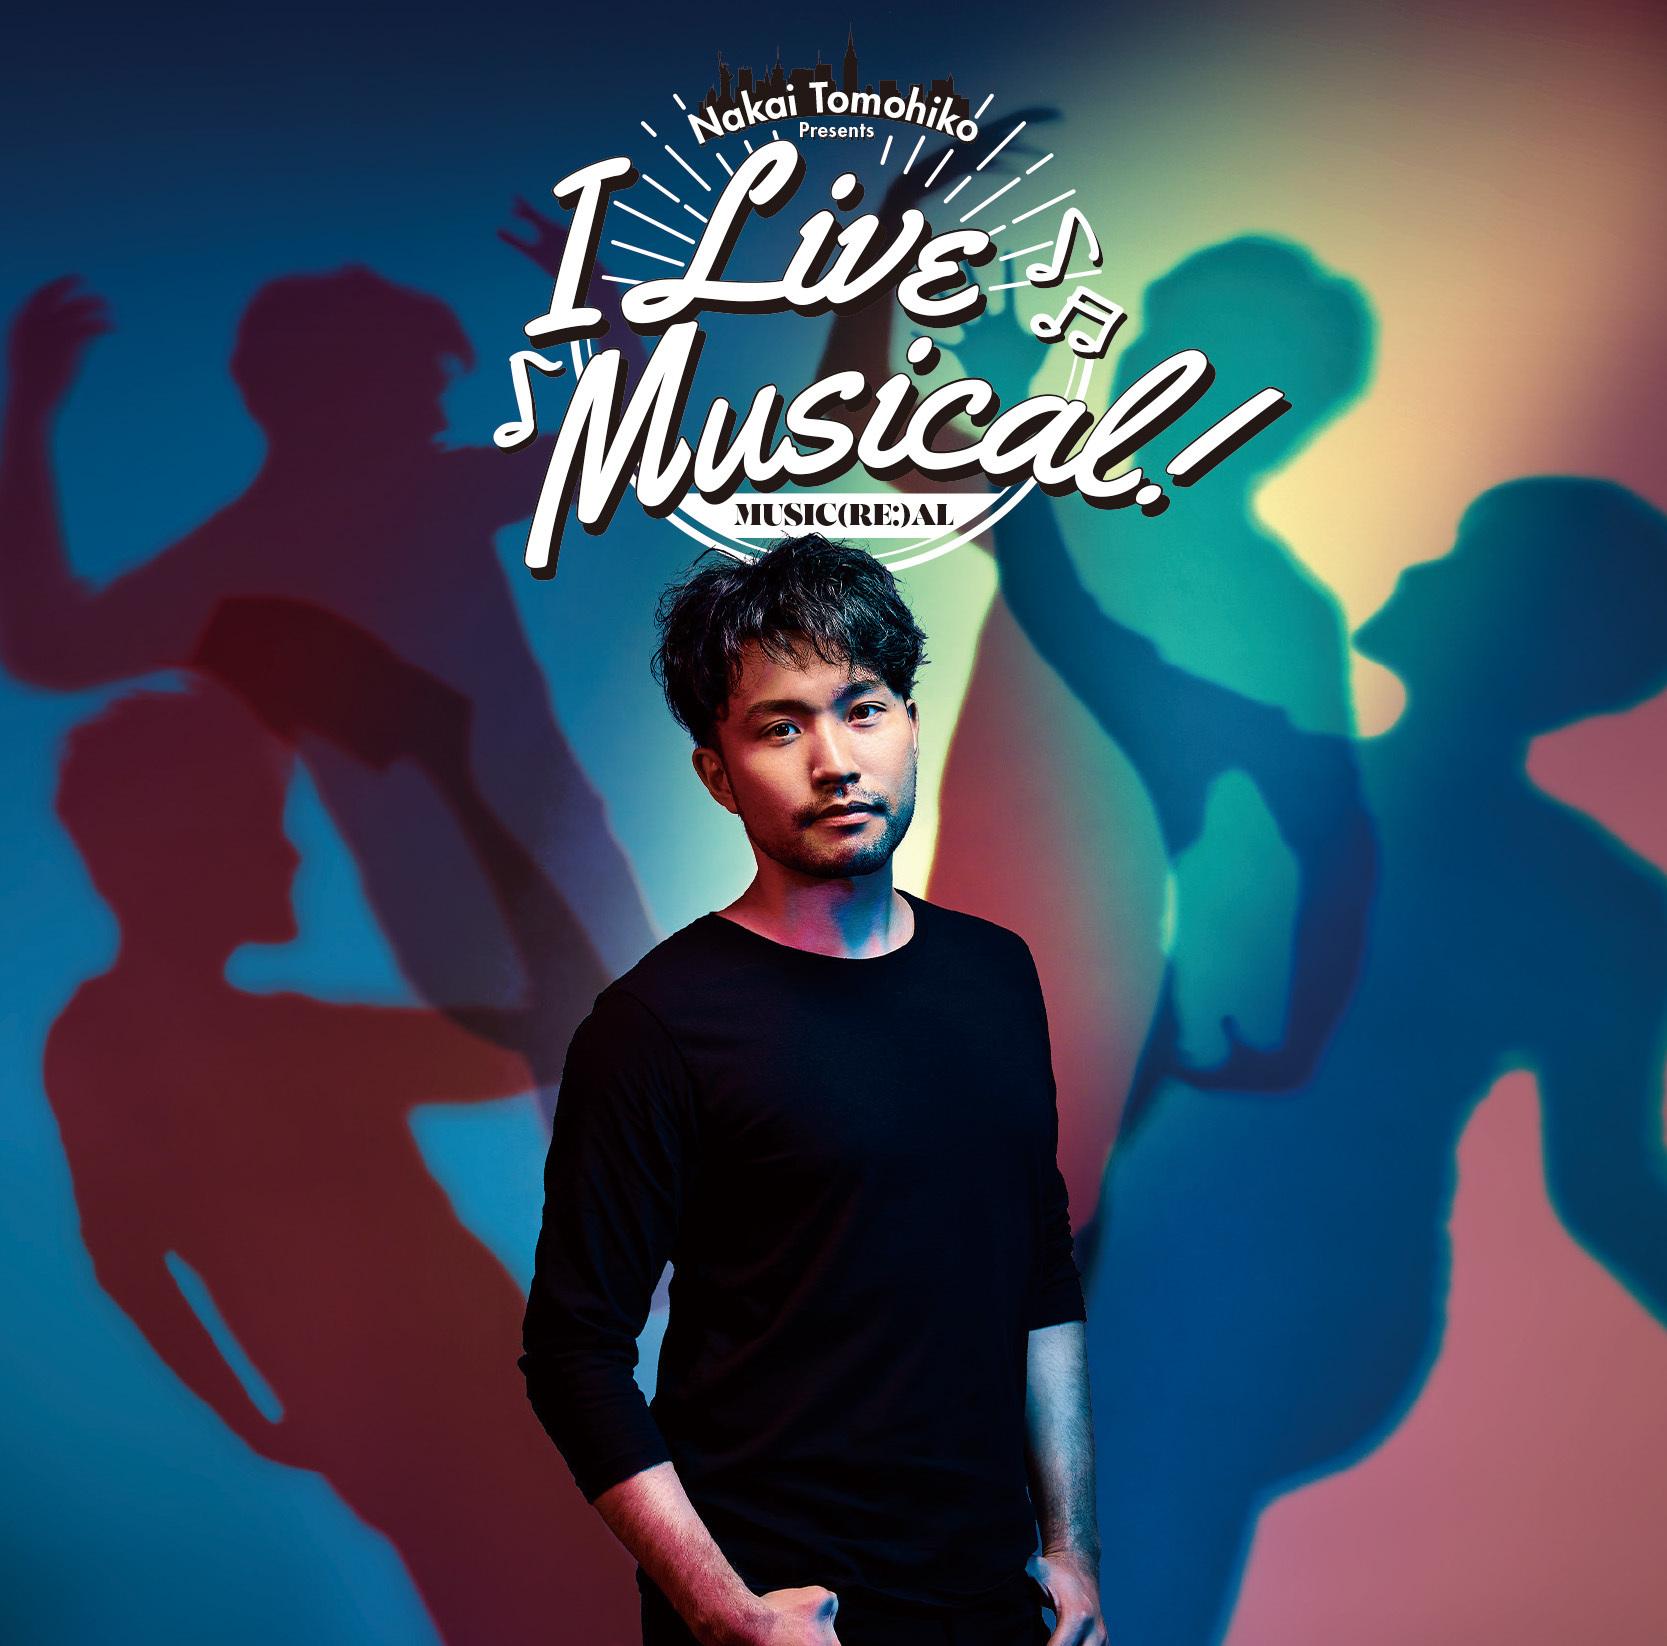 中井智彦ミュージカルアルバム「I Live Musical !」